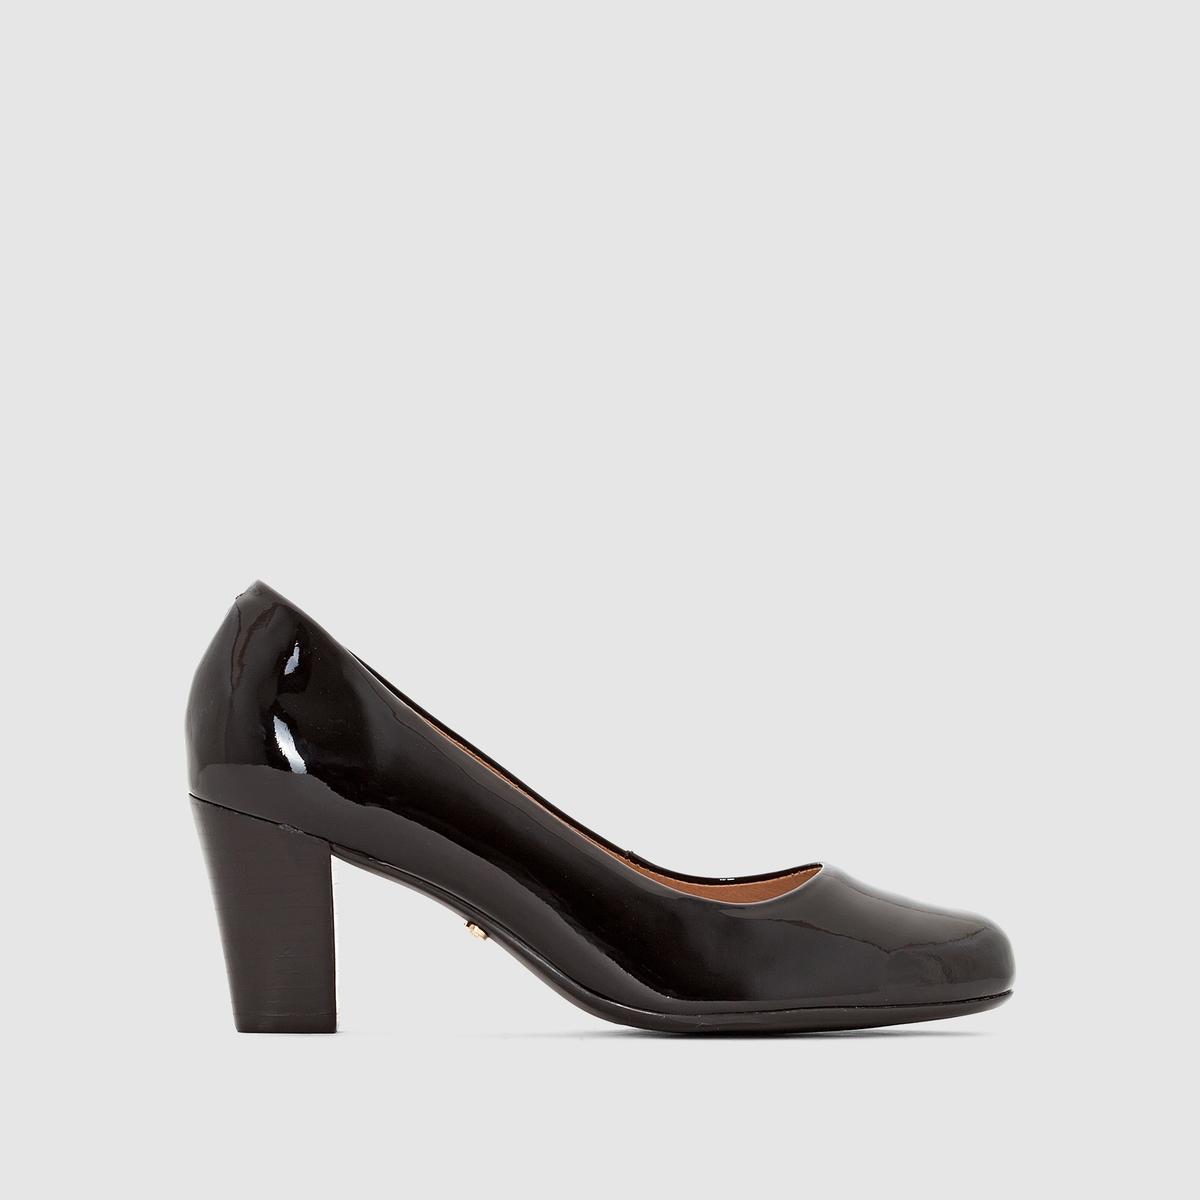 Туфли лакированные кожаные AlegriaМатериал внешний/внутрений : Кожа         Подкладка : Кожа   Подошва: КаучукВысота каблука: 5 смФорма каблука : ШирокийНосок : ЗакругленныйЗастежка: без застежки<br><br>Цвет: черный<br>Размер: 37